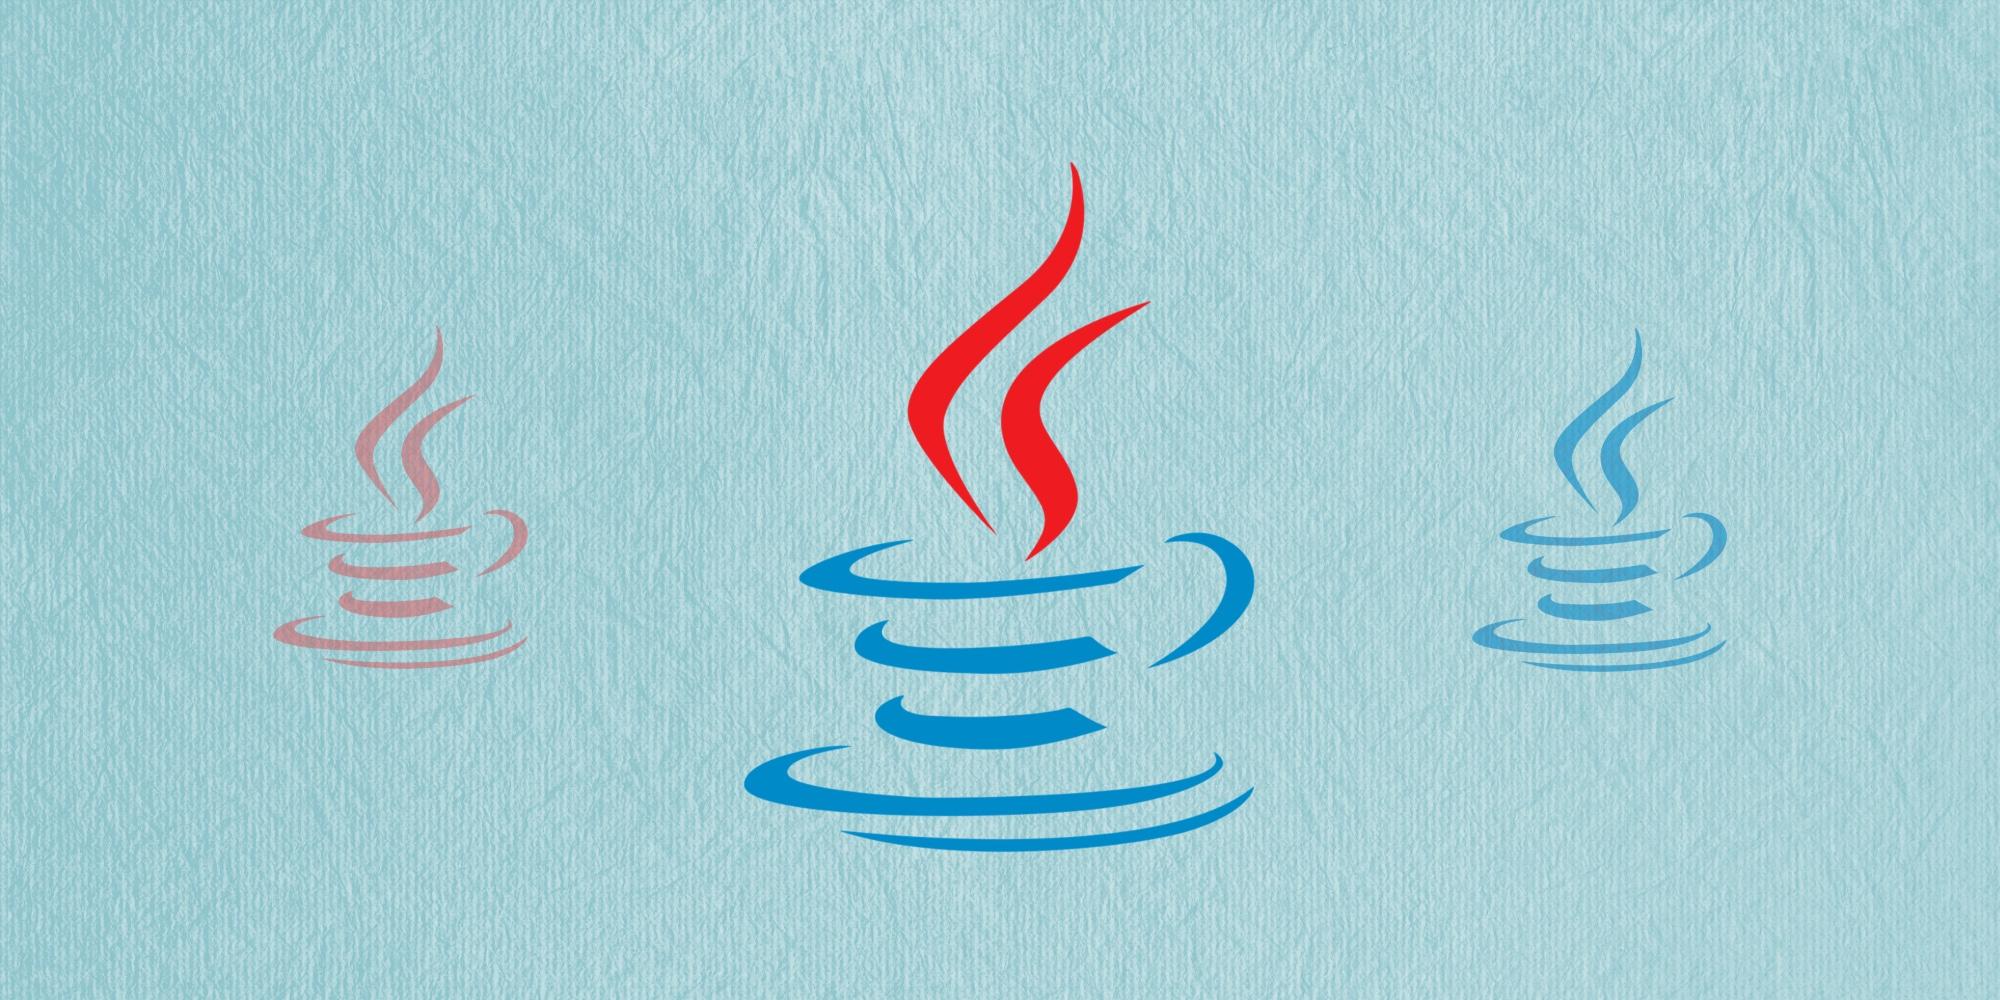 ☕ Изучение Java с нуля: что должен знать junior?